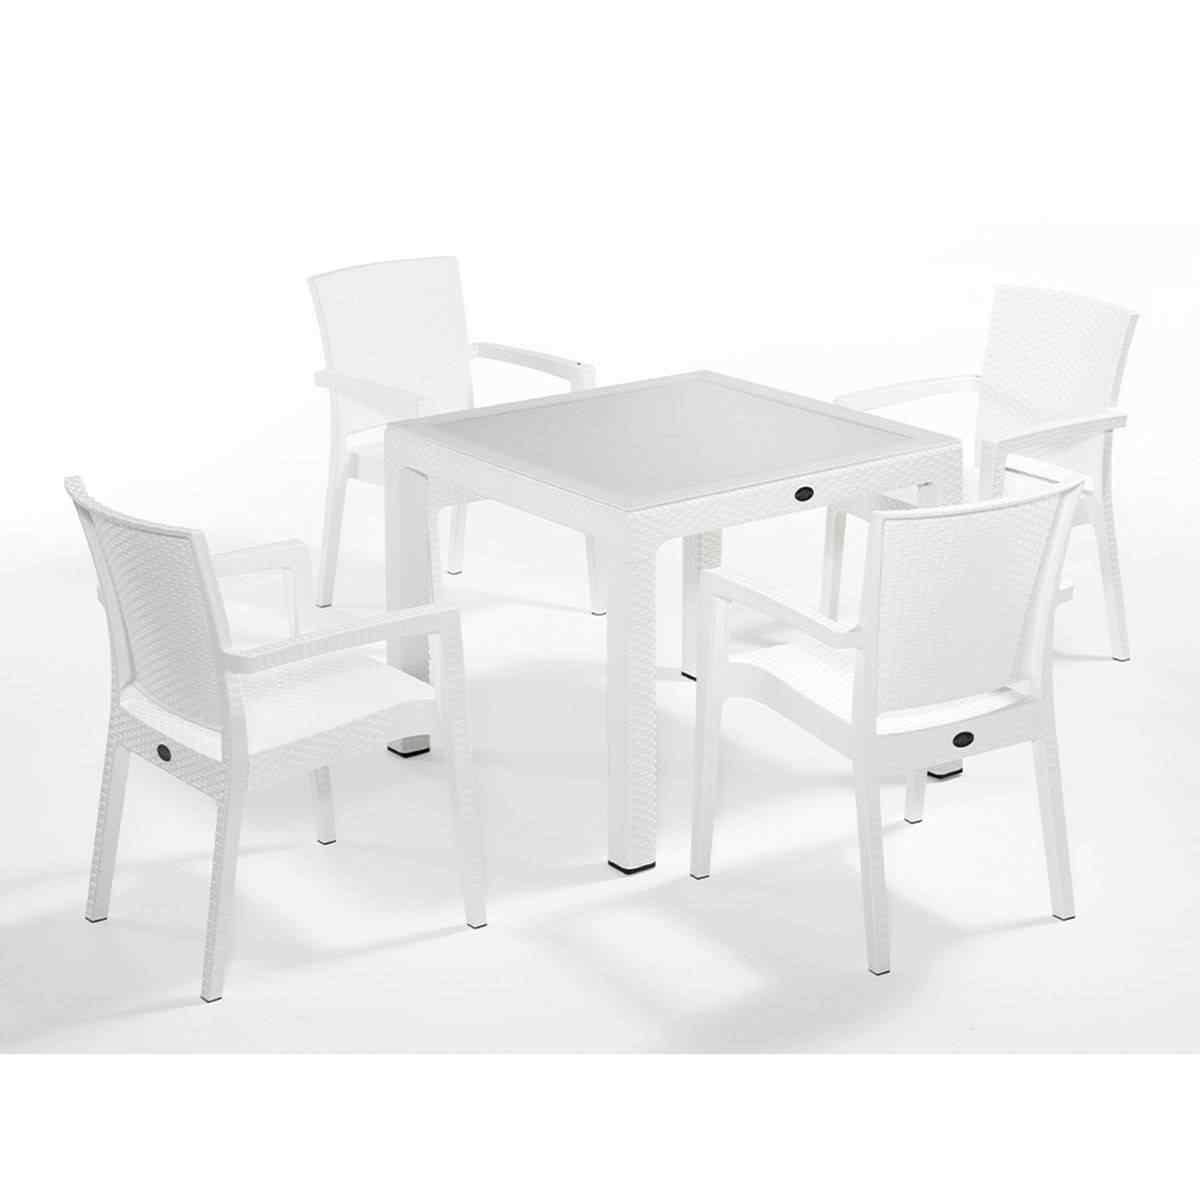 Novussi Zenit 4 Kişilik Bahçe Masa Takımı 90x90 Camlı Beyaz